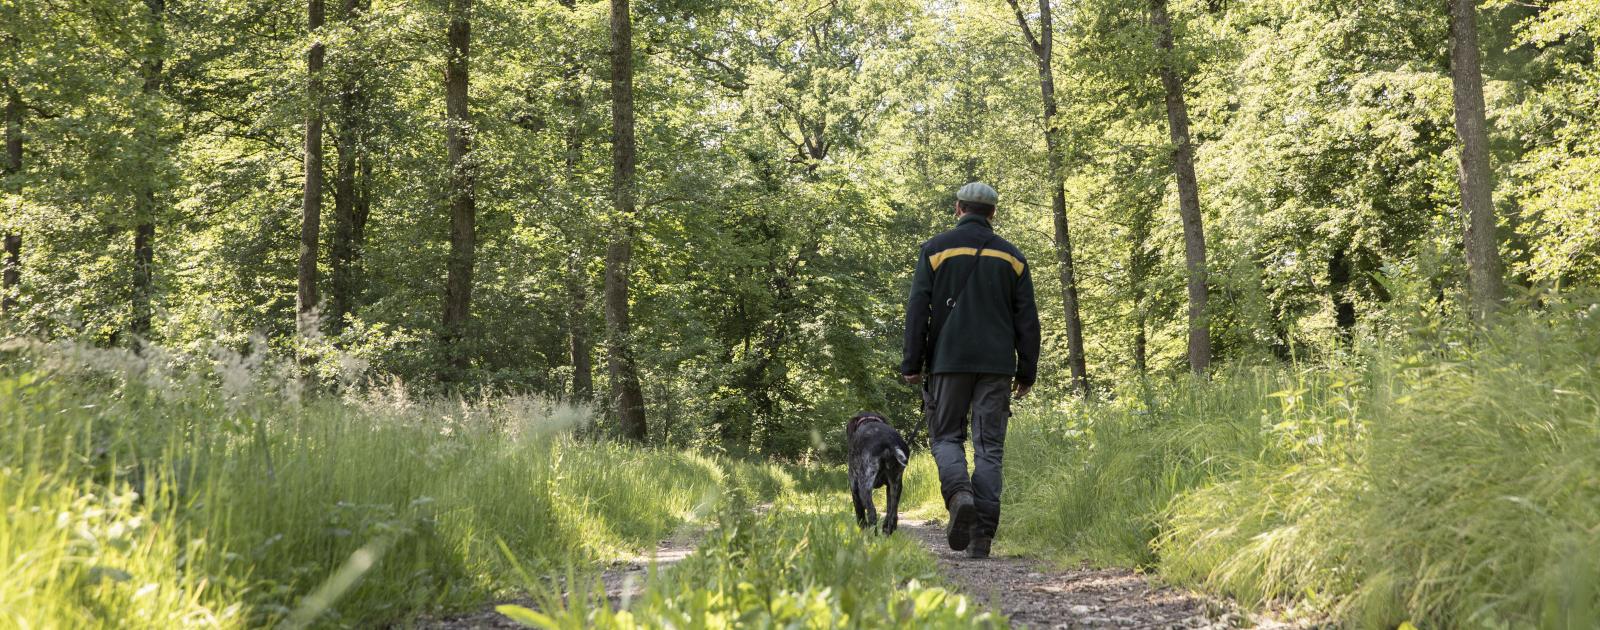 Gemeinde Förster mit Hund läuft auf Waldweg durch den Wald